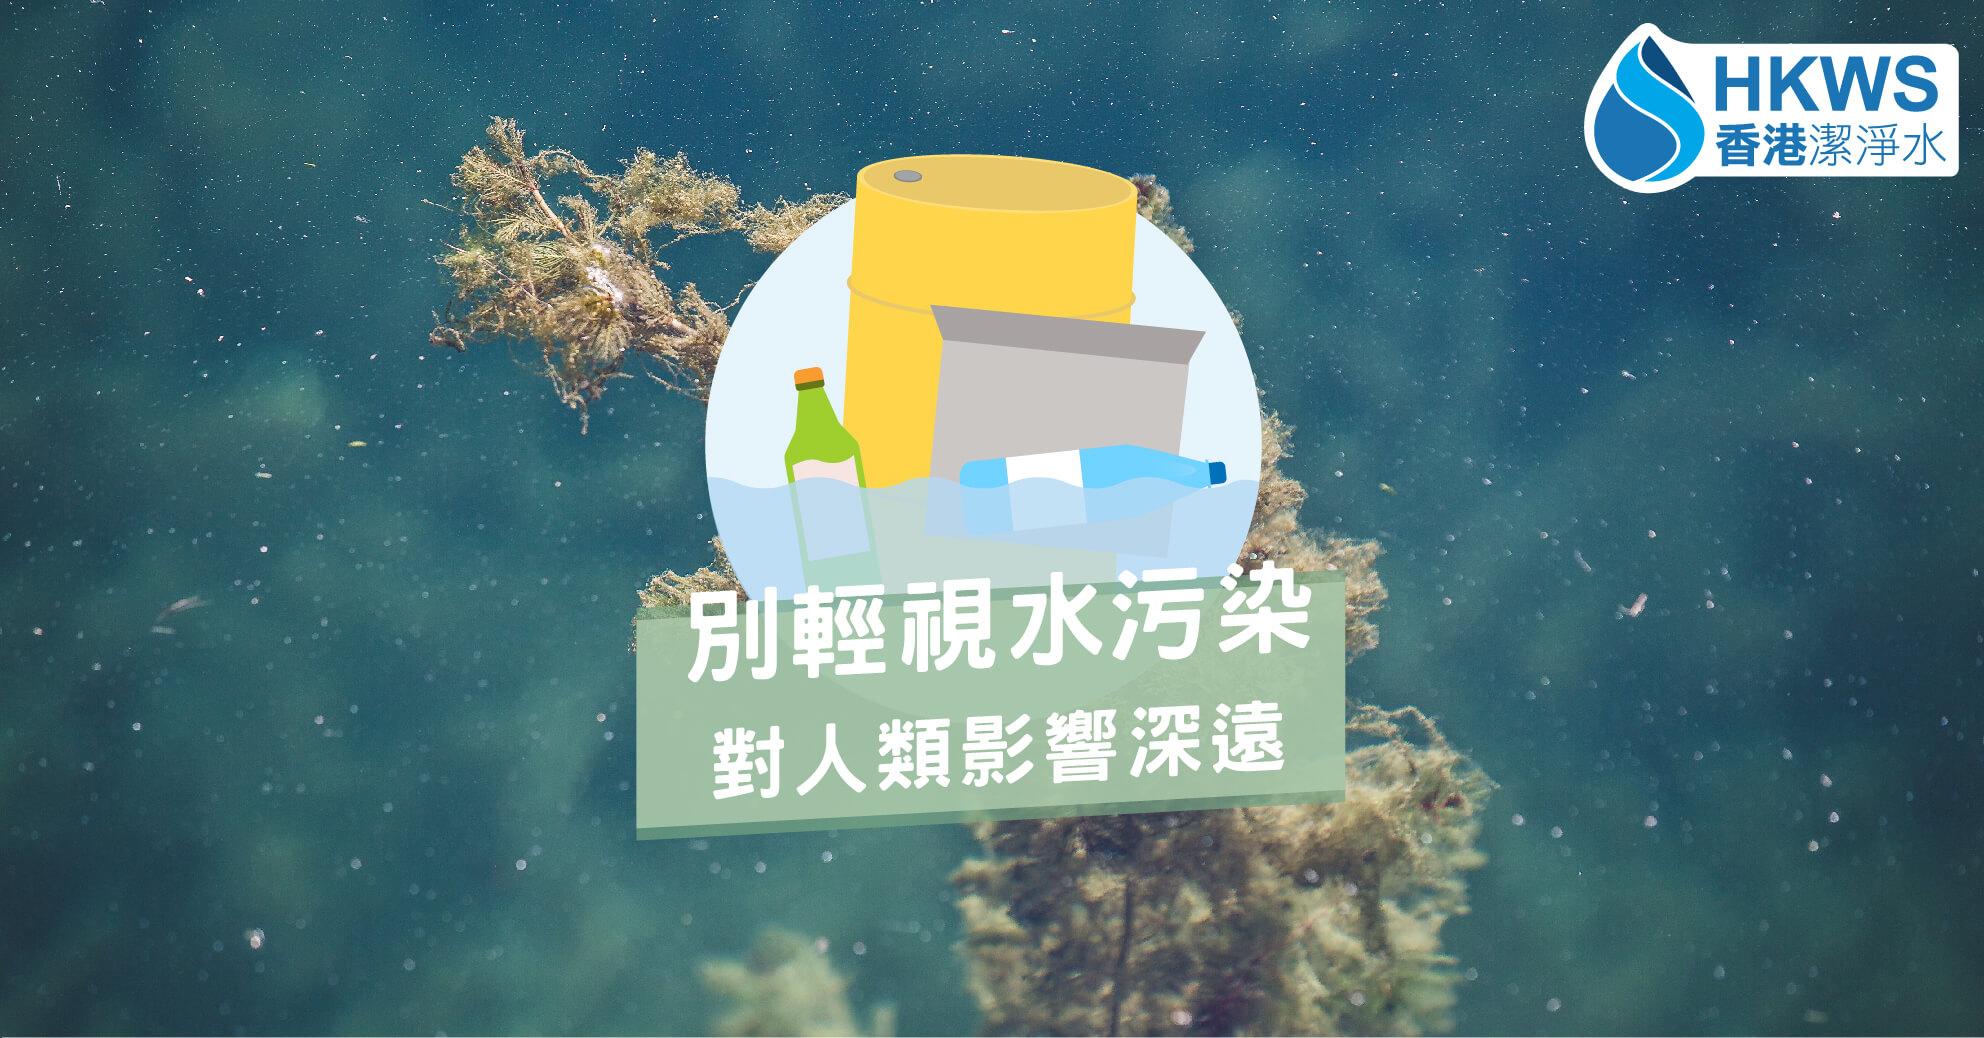 原來水污染對我們影響這麼大?食魚有機會中毒?